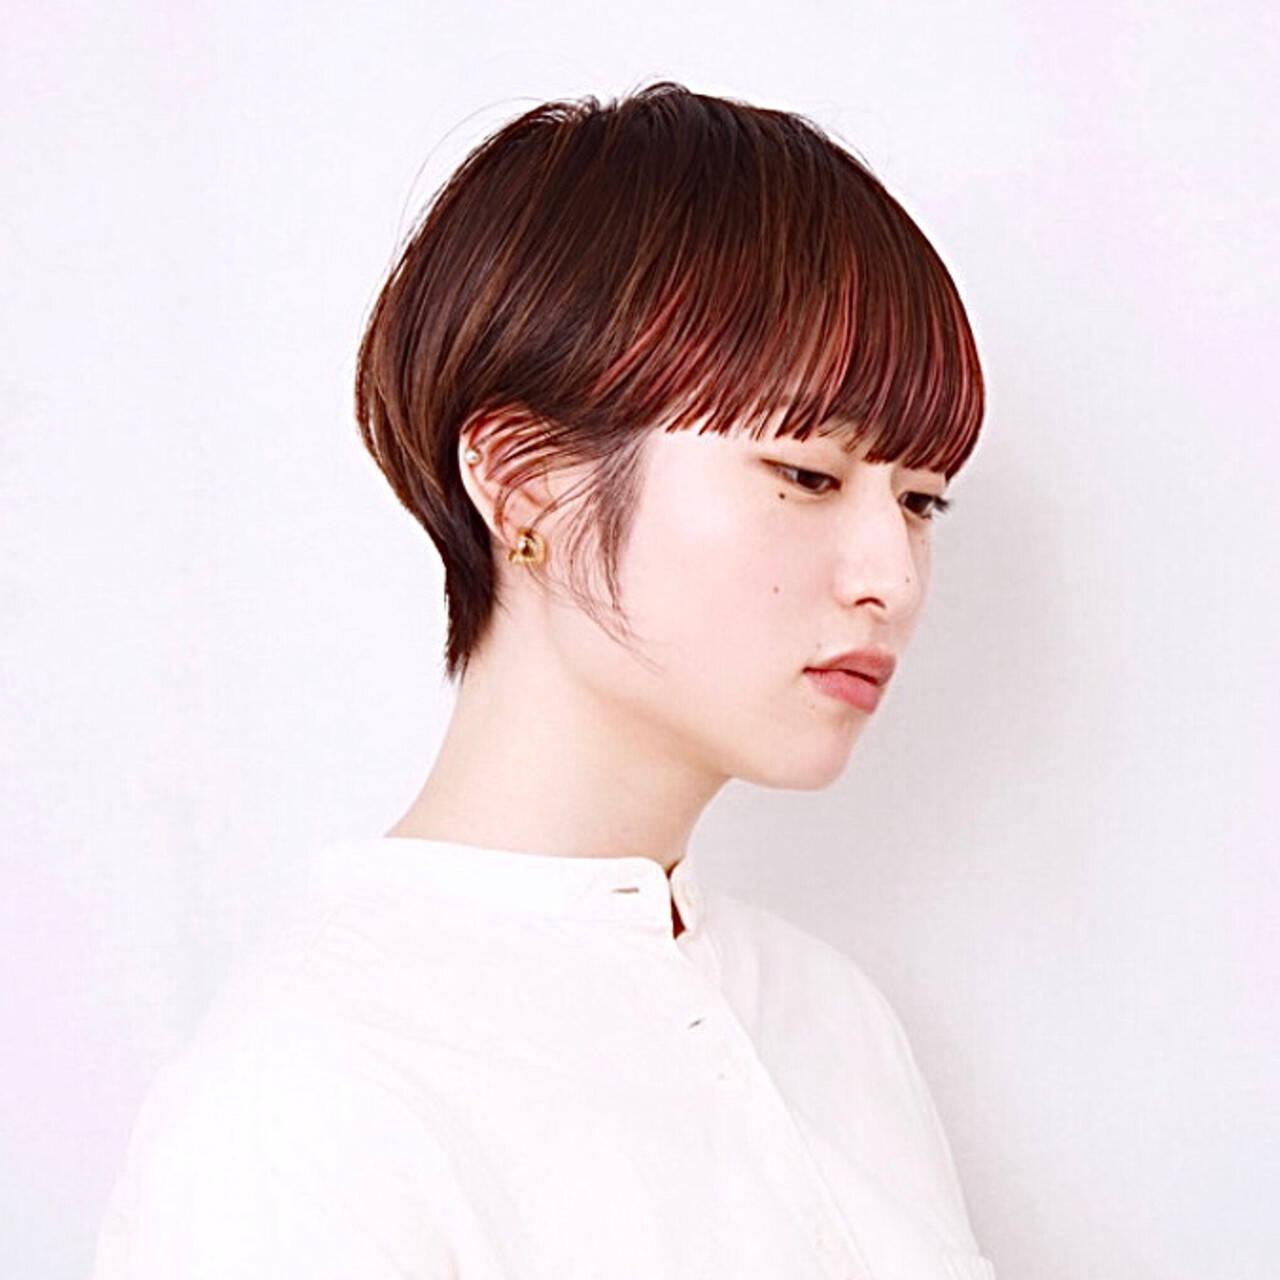 モード ワイドバング ピンクカラー ハンサムショートヘアスタイルや髪型の写真・画像